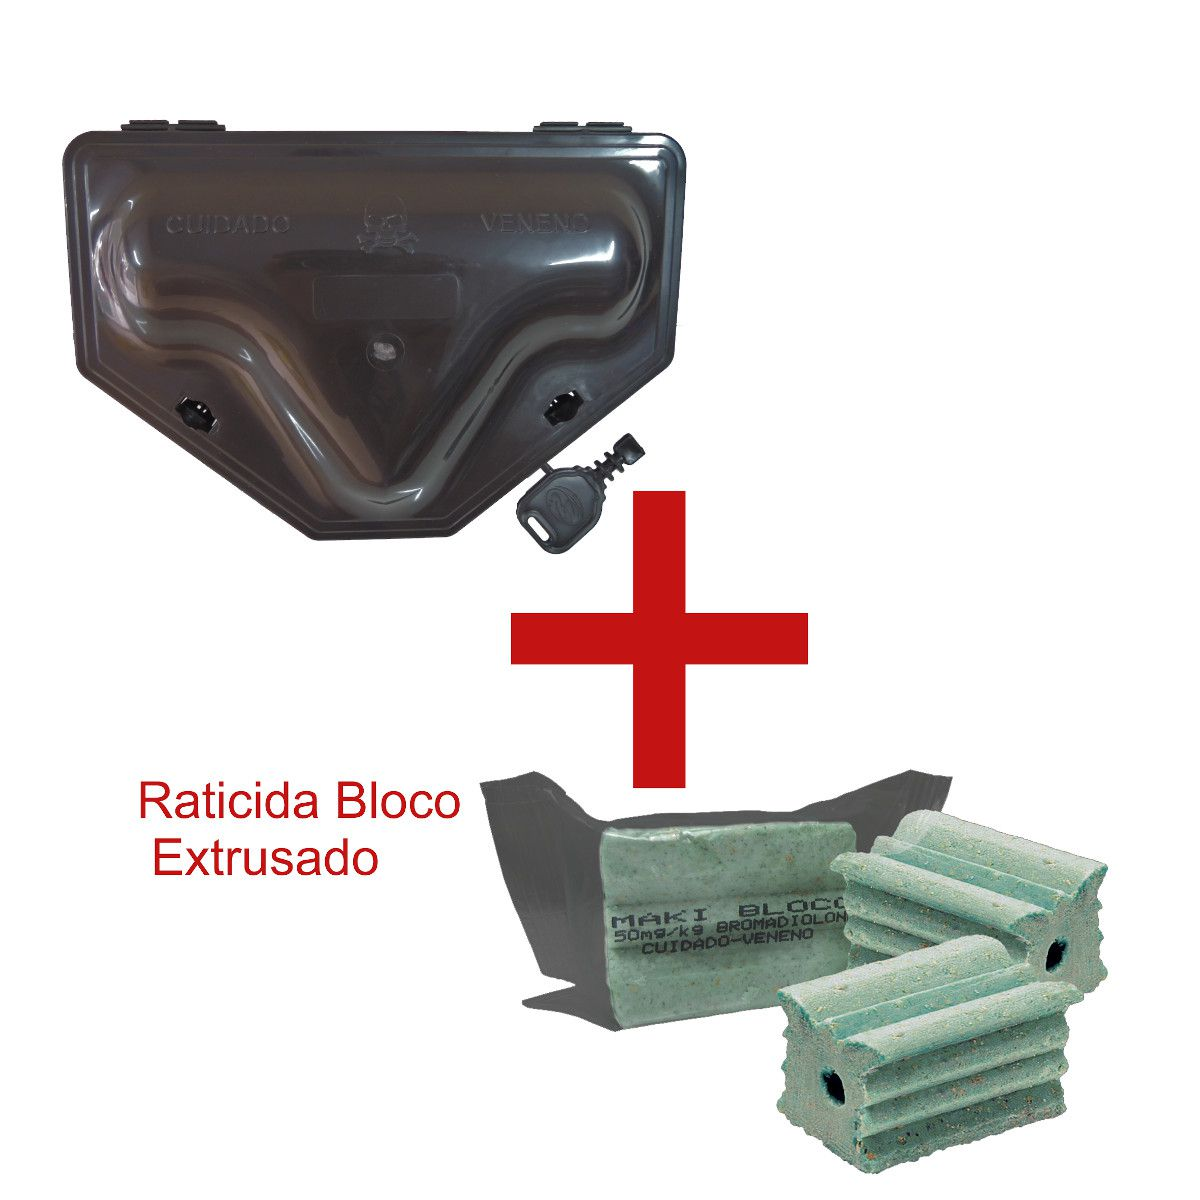 55 Porta Iscas C/ TRAVAMENTO DUPLO + 55 Blocos Extrusado